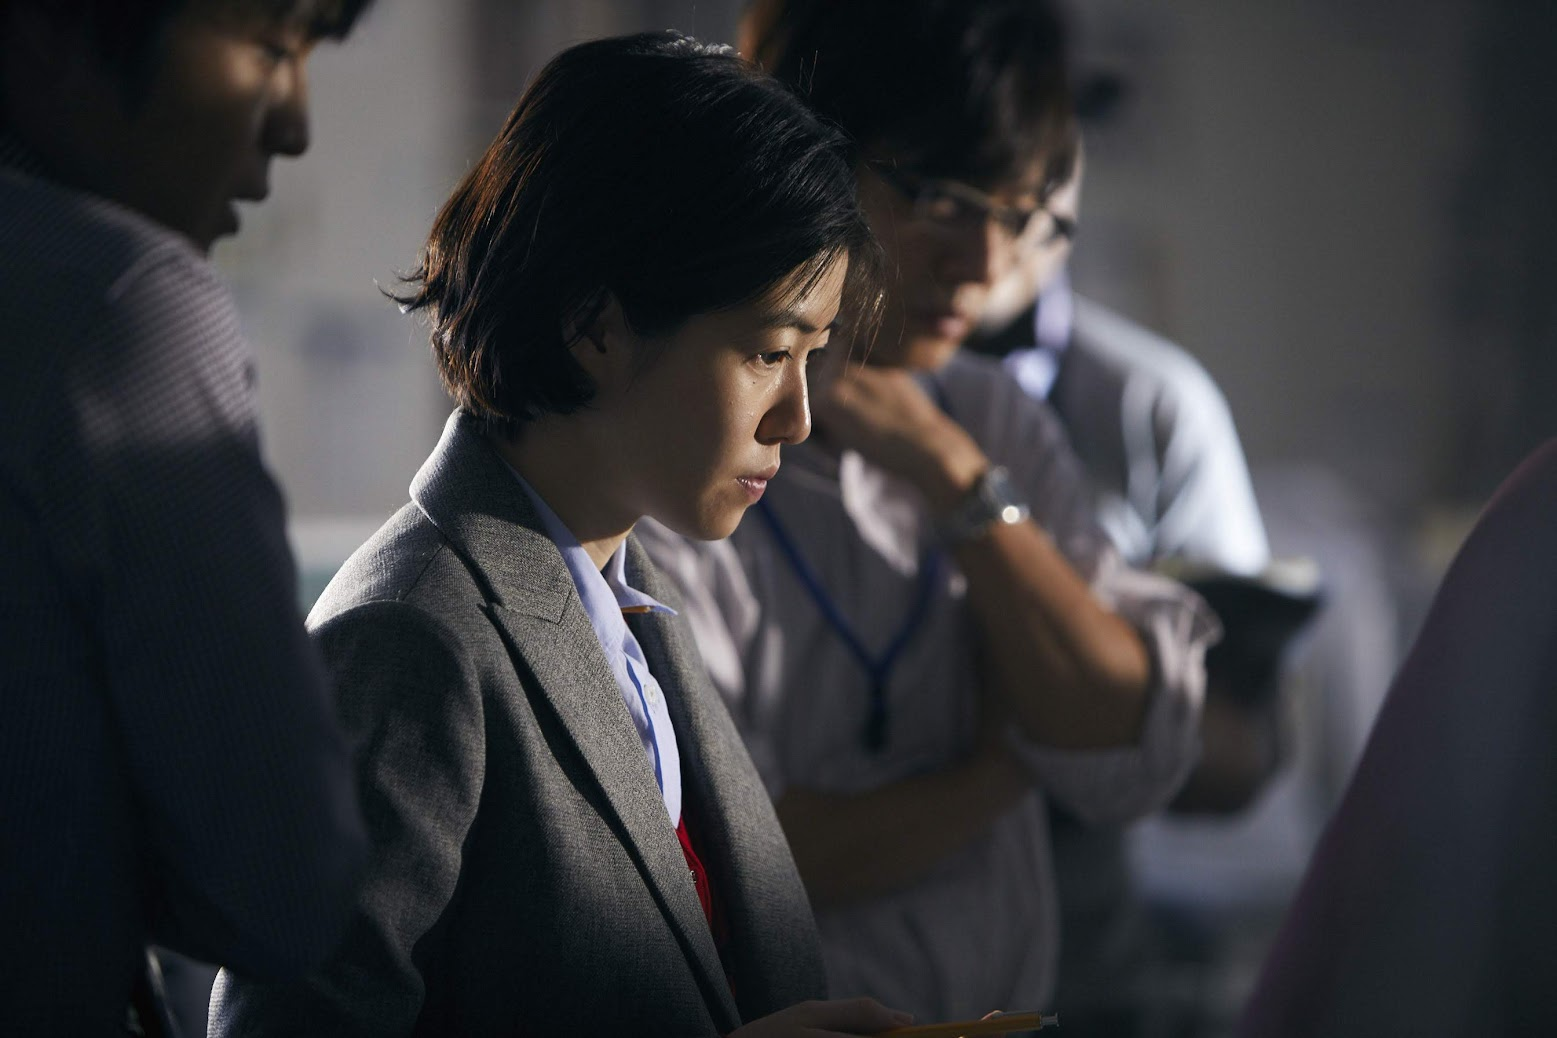 [迷迷影劇] 韓國女星深入「東京新聞」當見習生 沈恩敬《新聞記者》挑戰全日語對話 演技驚艷全劇組